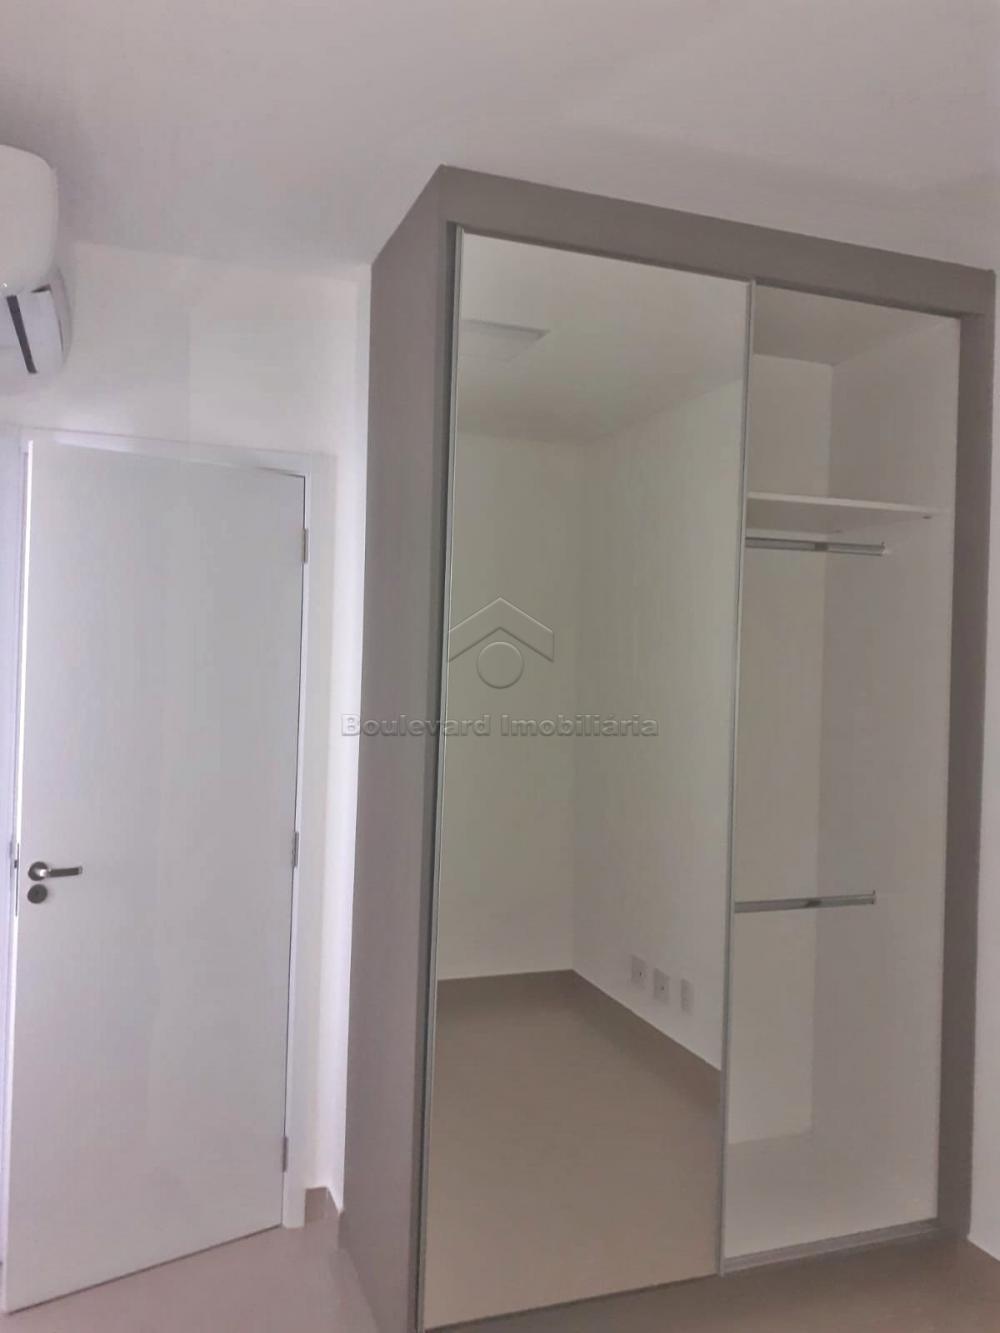 Comprar Apartamento / Padrão em Ribeirão Preto R$ 890.000,00 - Foto 25